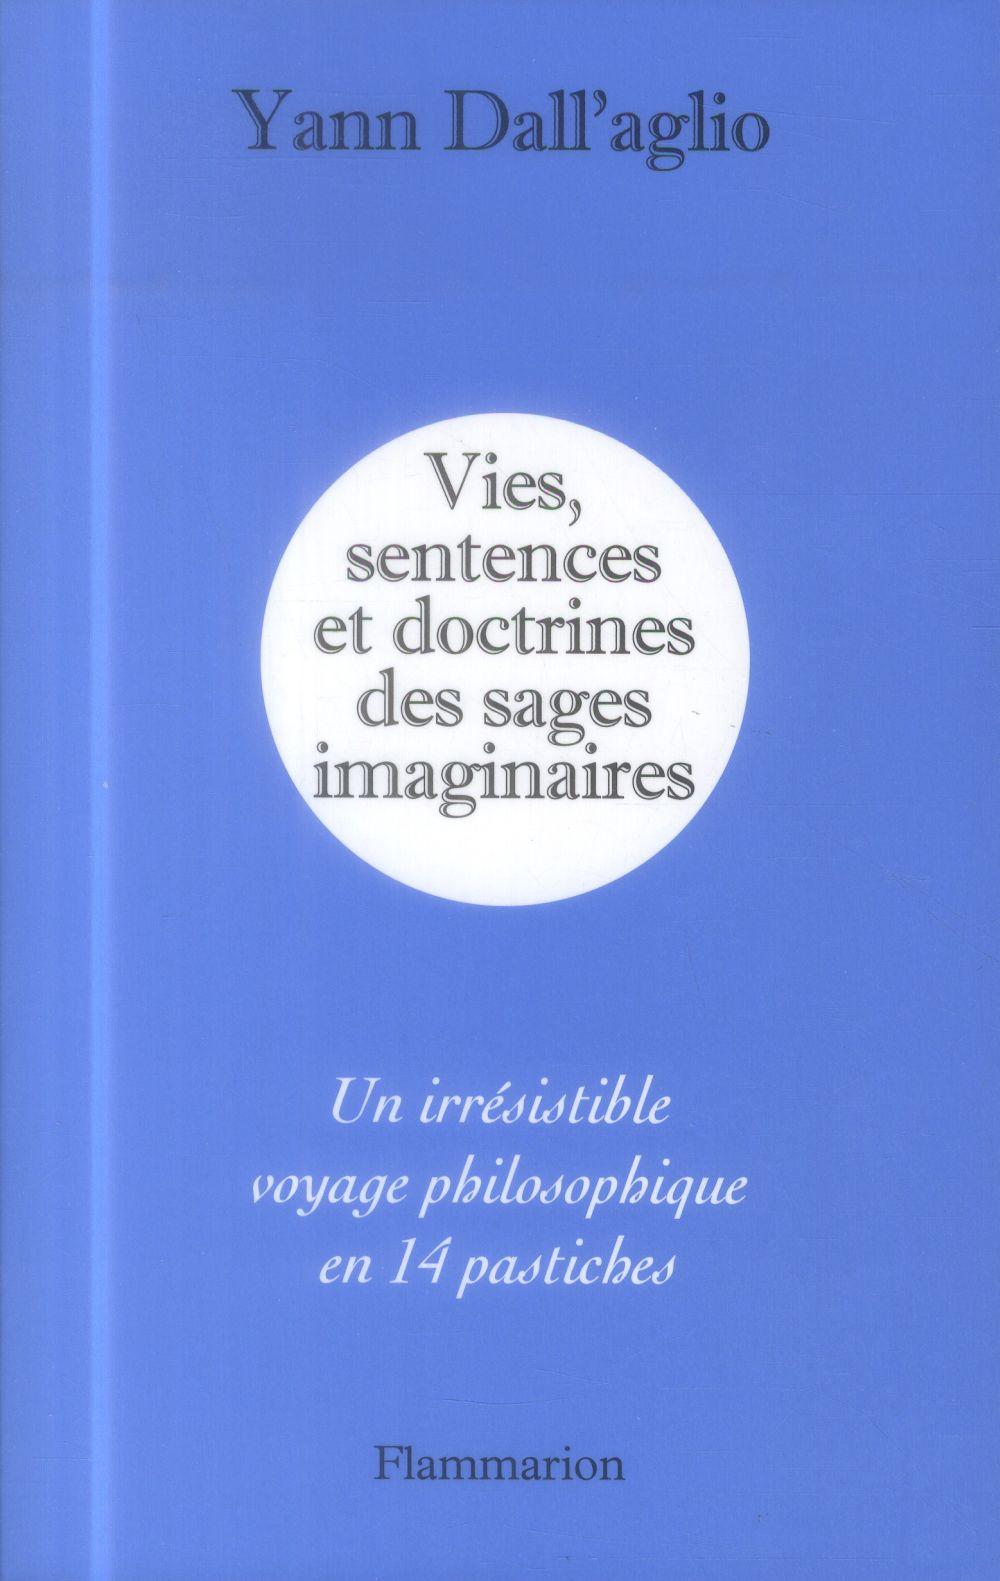 Vies, sentences et doctrines des sages imaginaires ; un irrésistible voyage philosophique en 14 pastiches